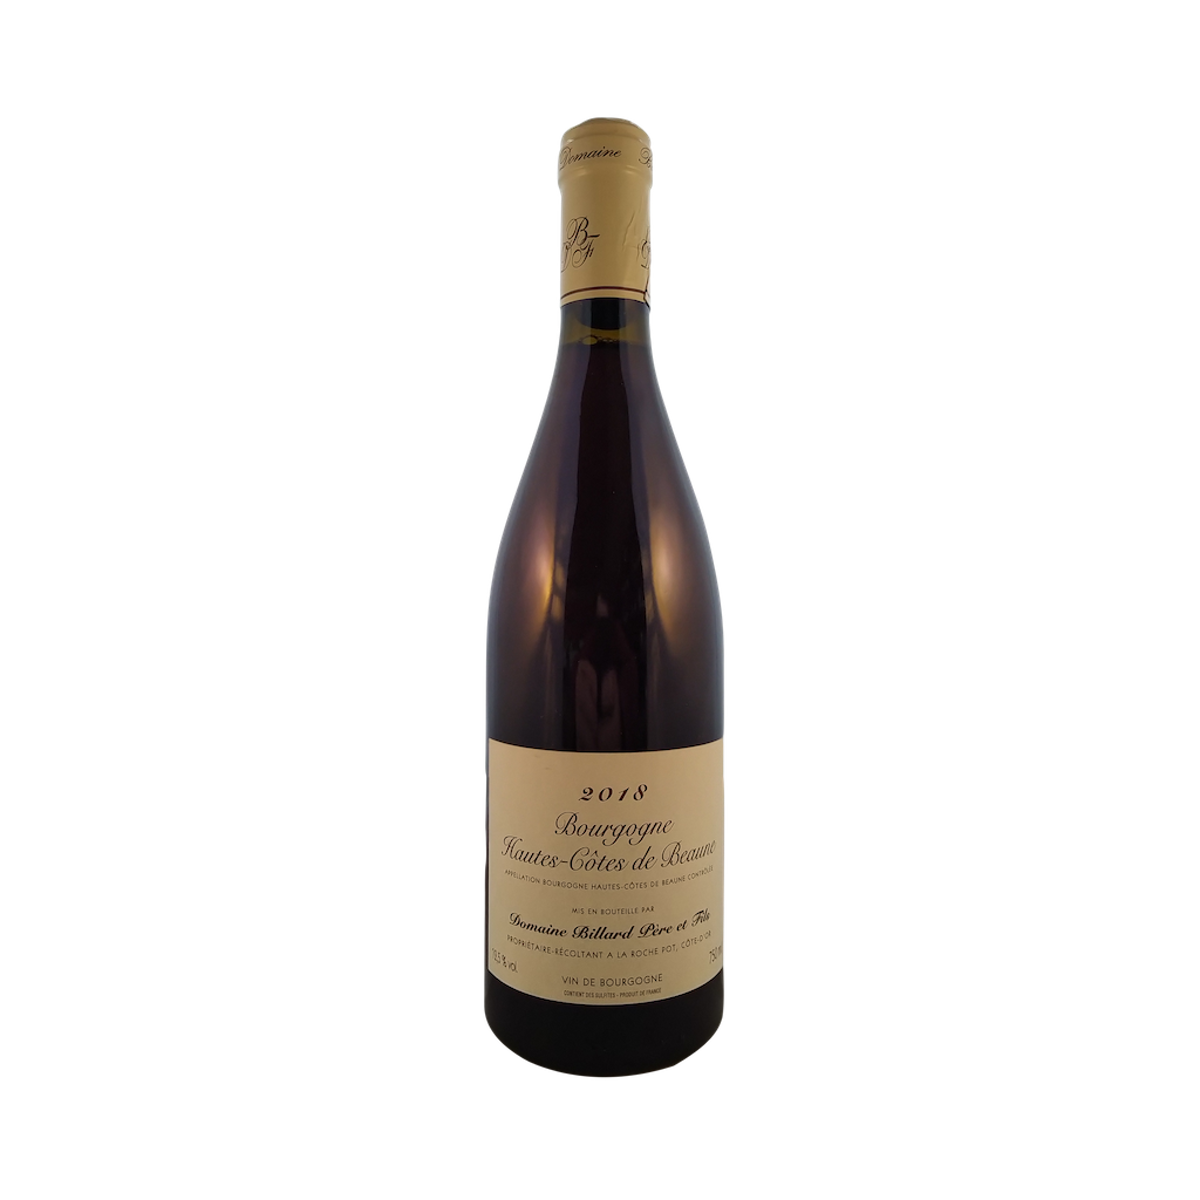 Bourgogne Hautes Côtes de Beaune rouge, 2018